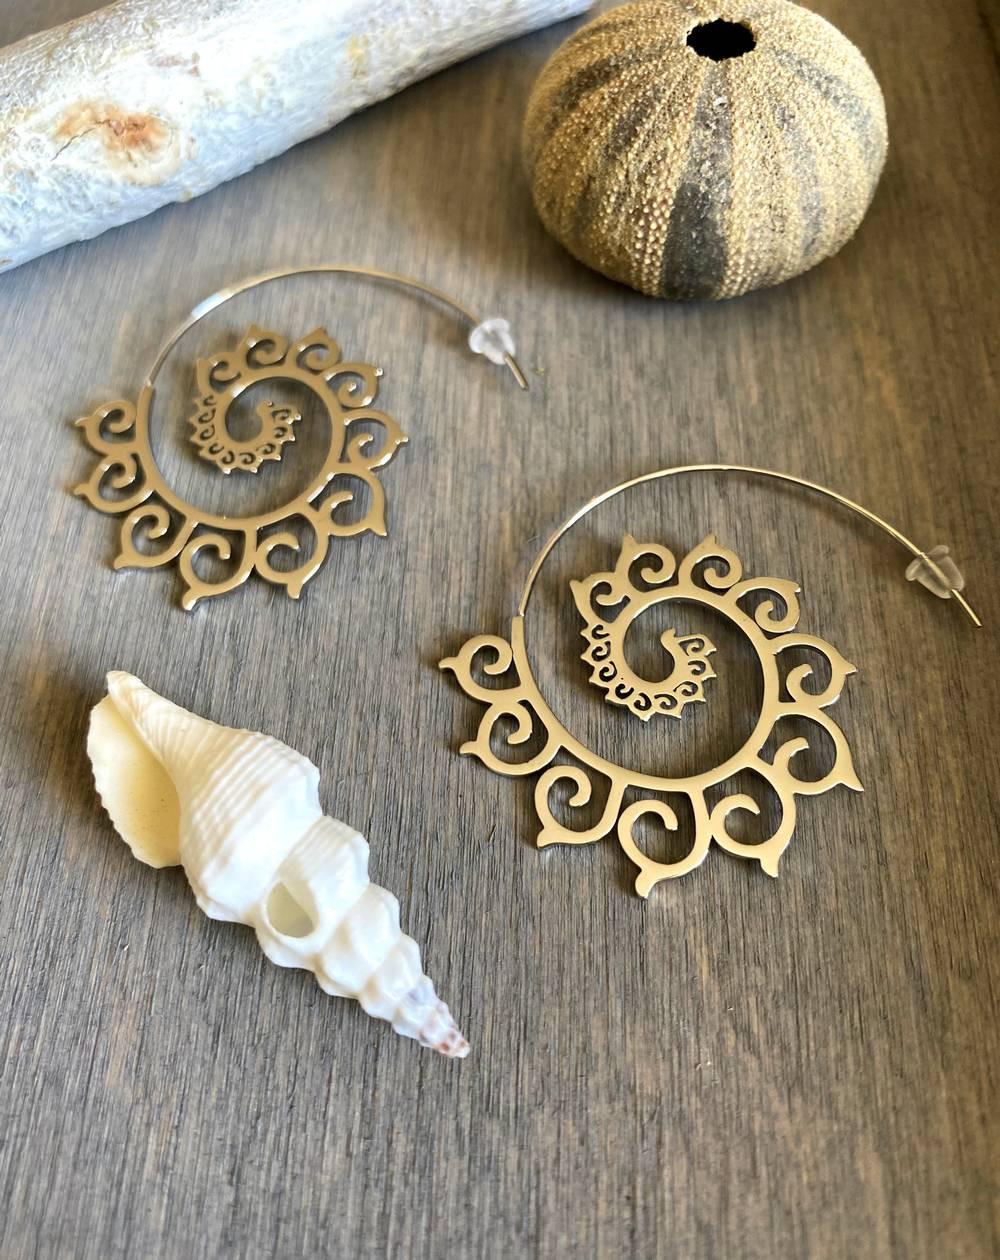 Boucle d'oreilles originales dorées style tribal en forme d'escargot